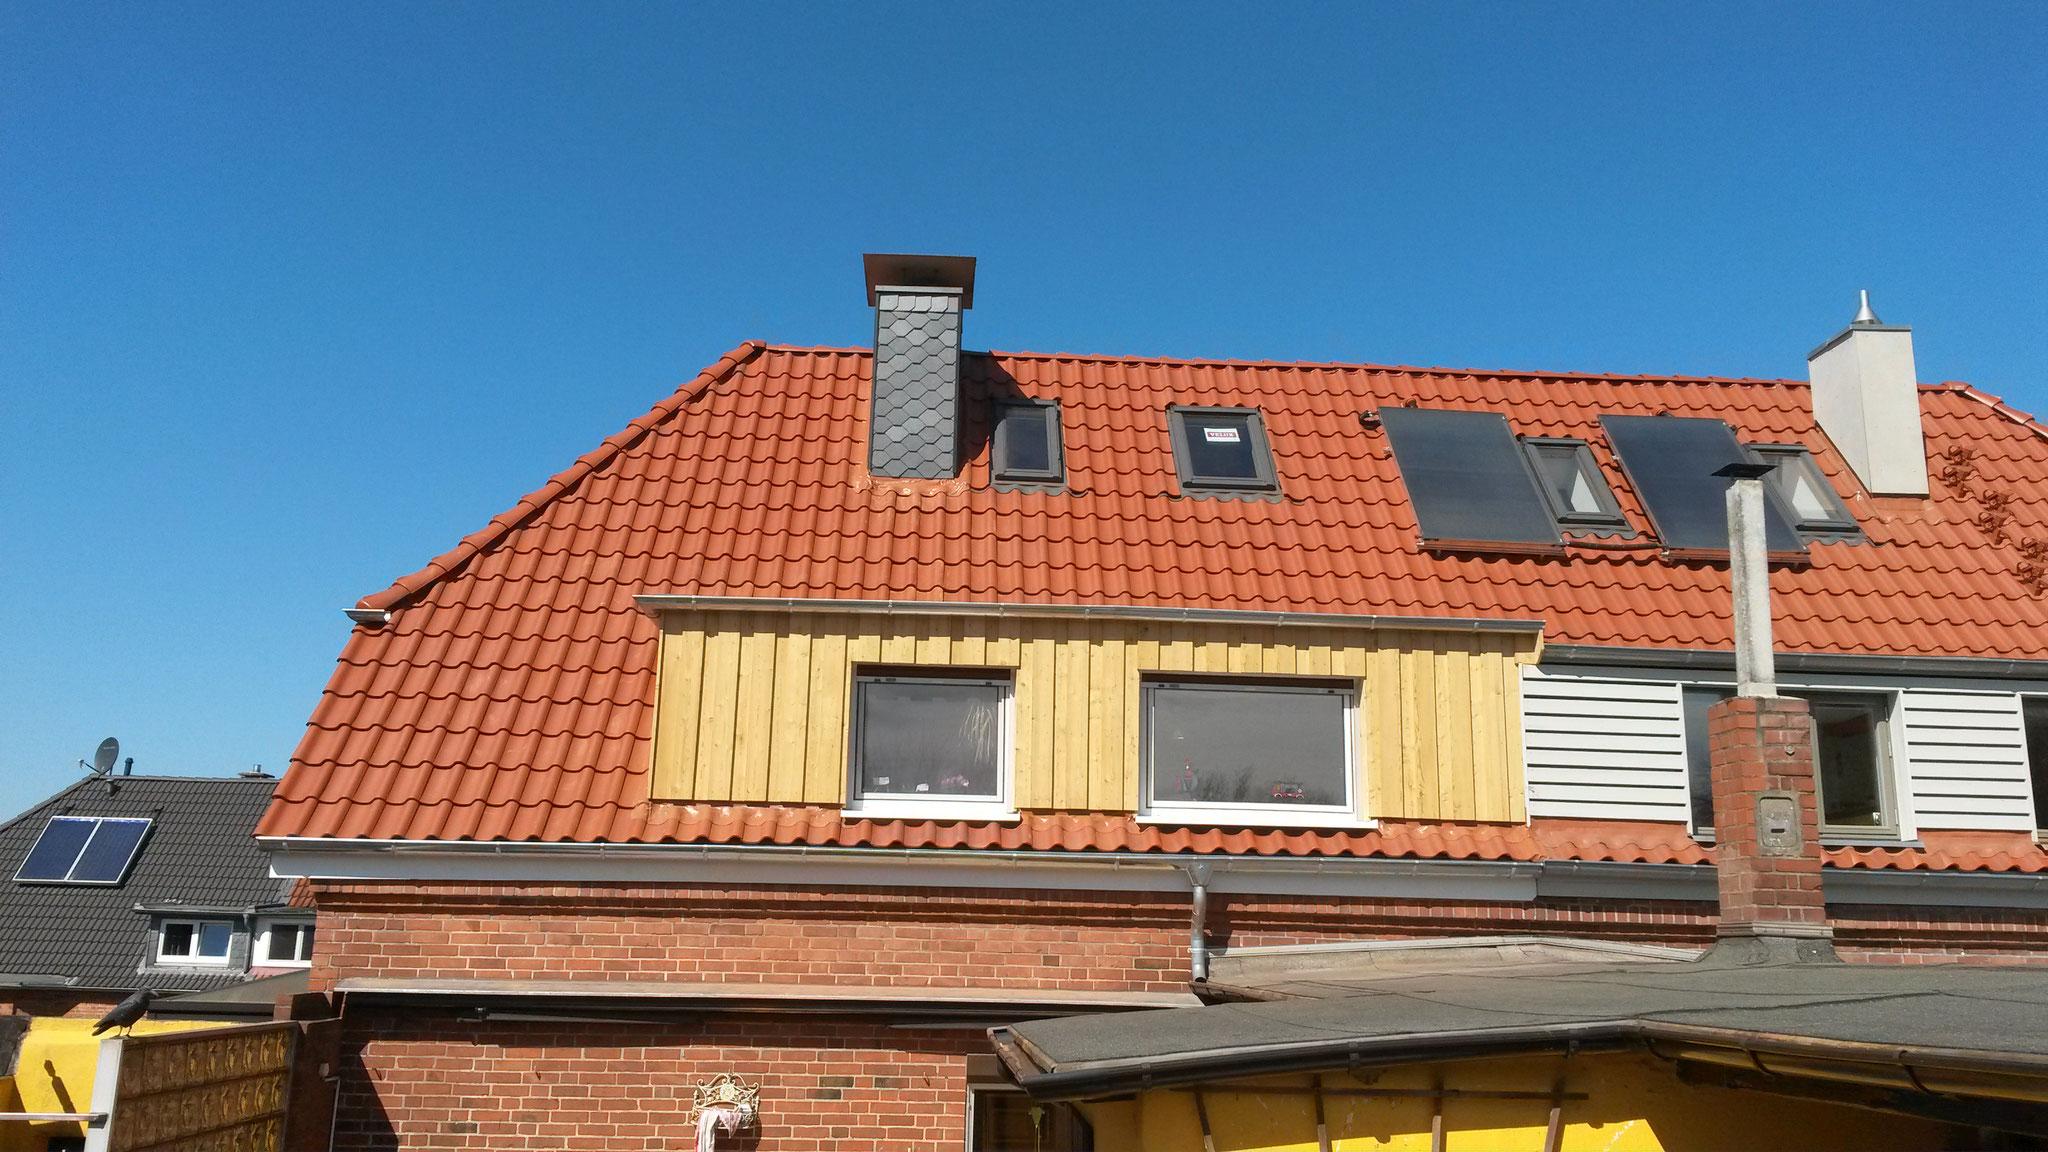 Dacheindeckung mit Hohlfalzziegel Braas Achat 14 in Kupferrot engobiert